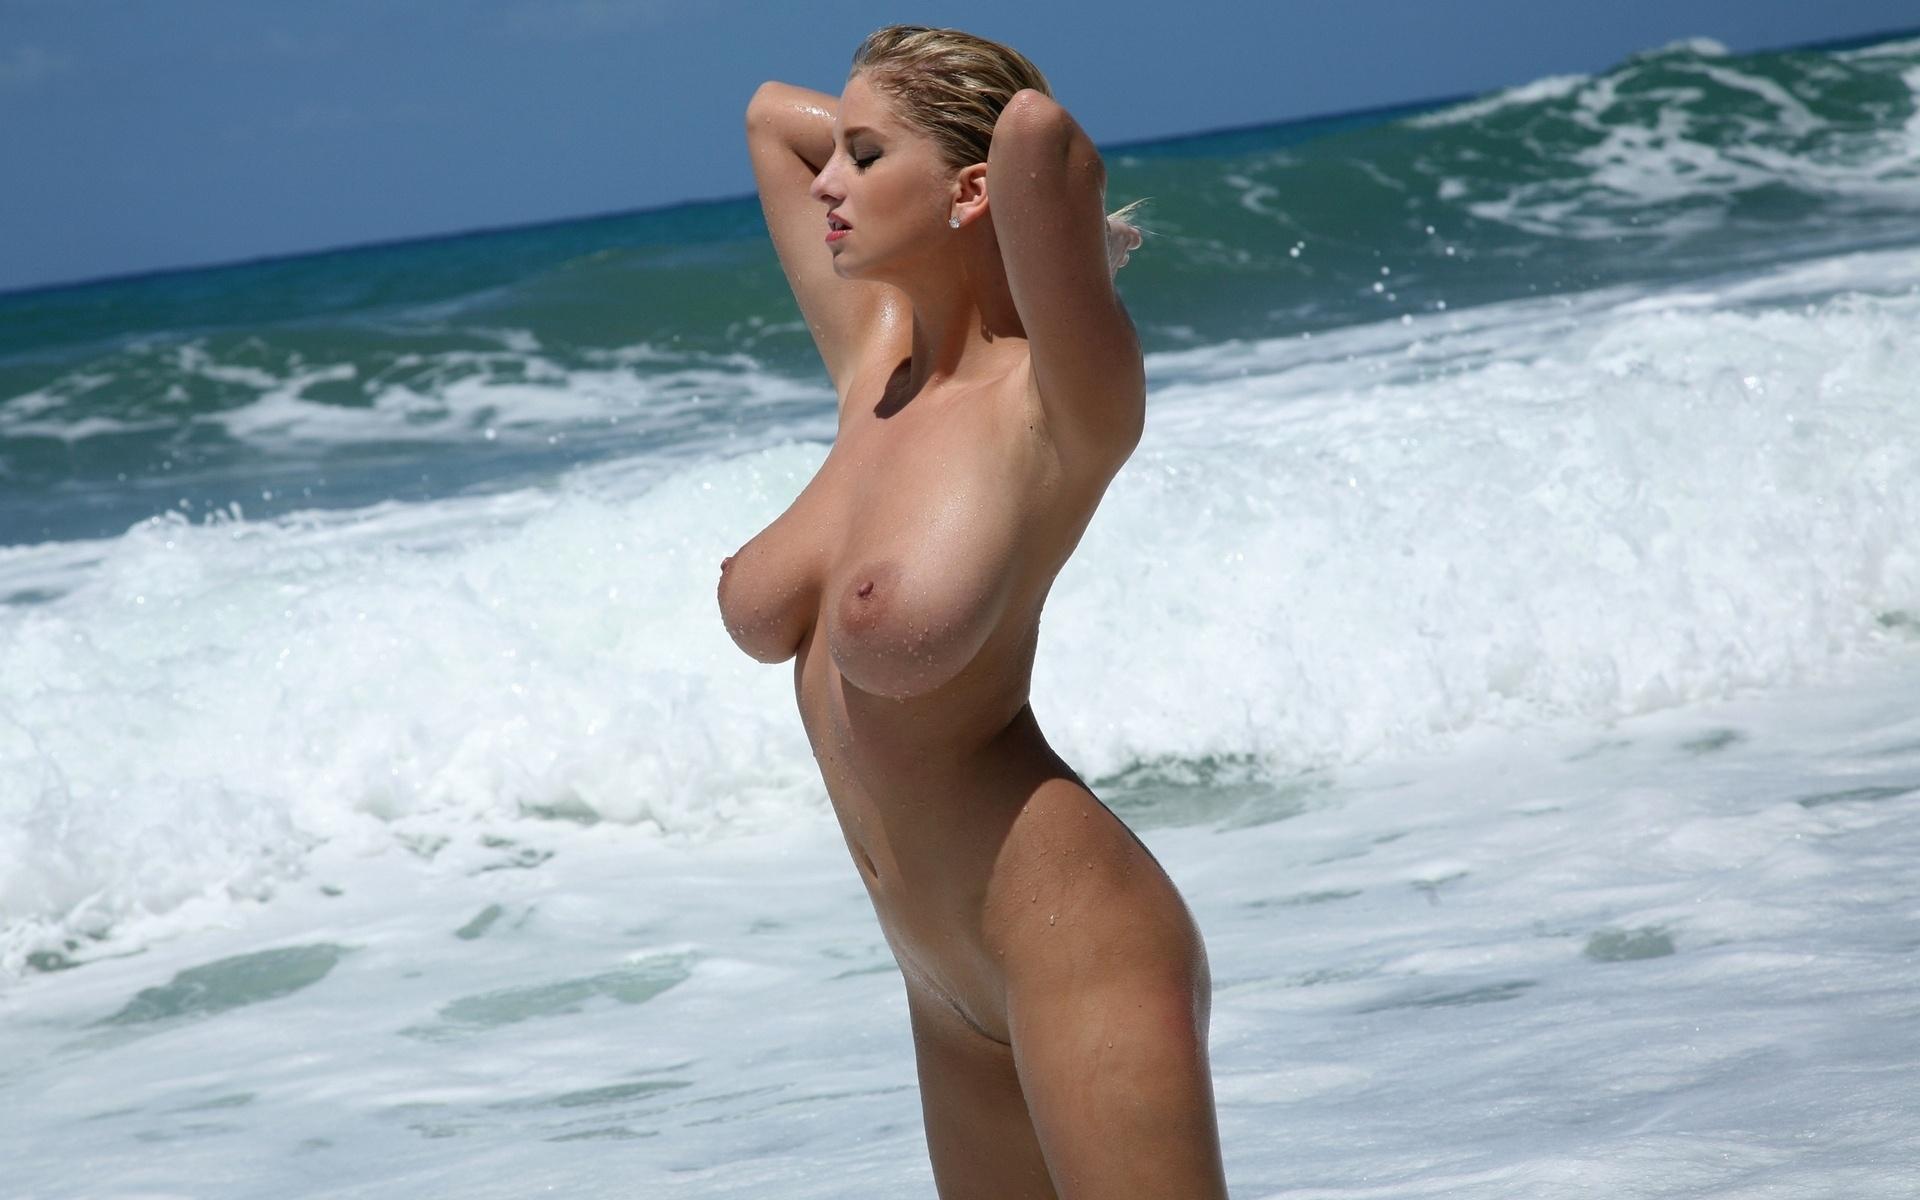 female nude beach 2010 in